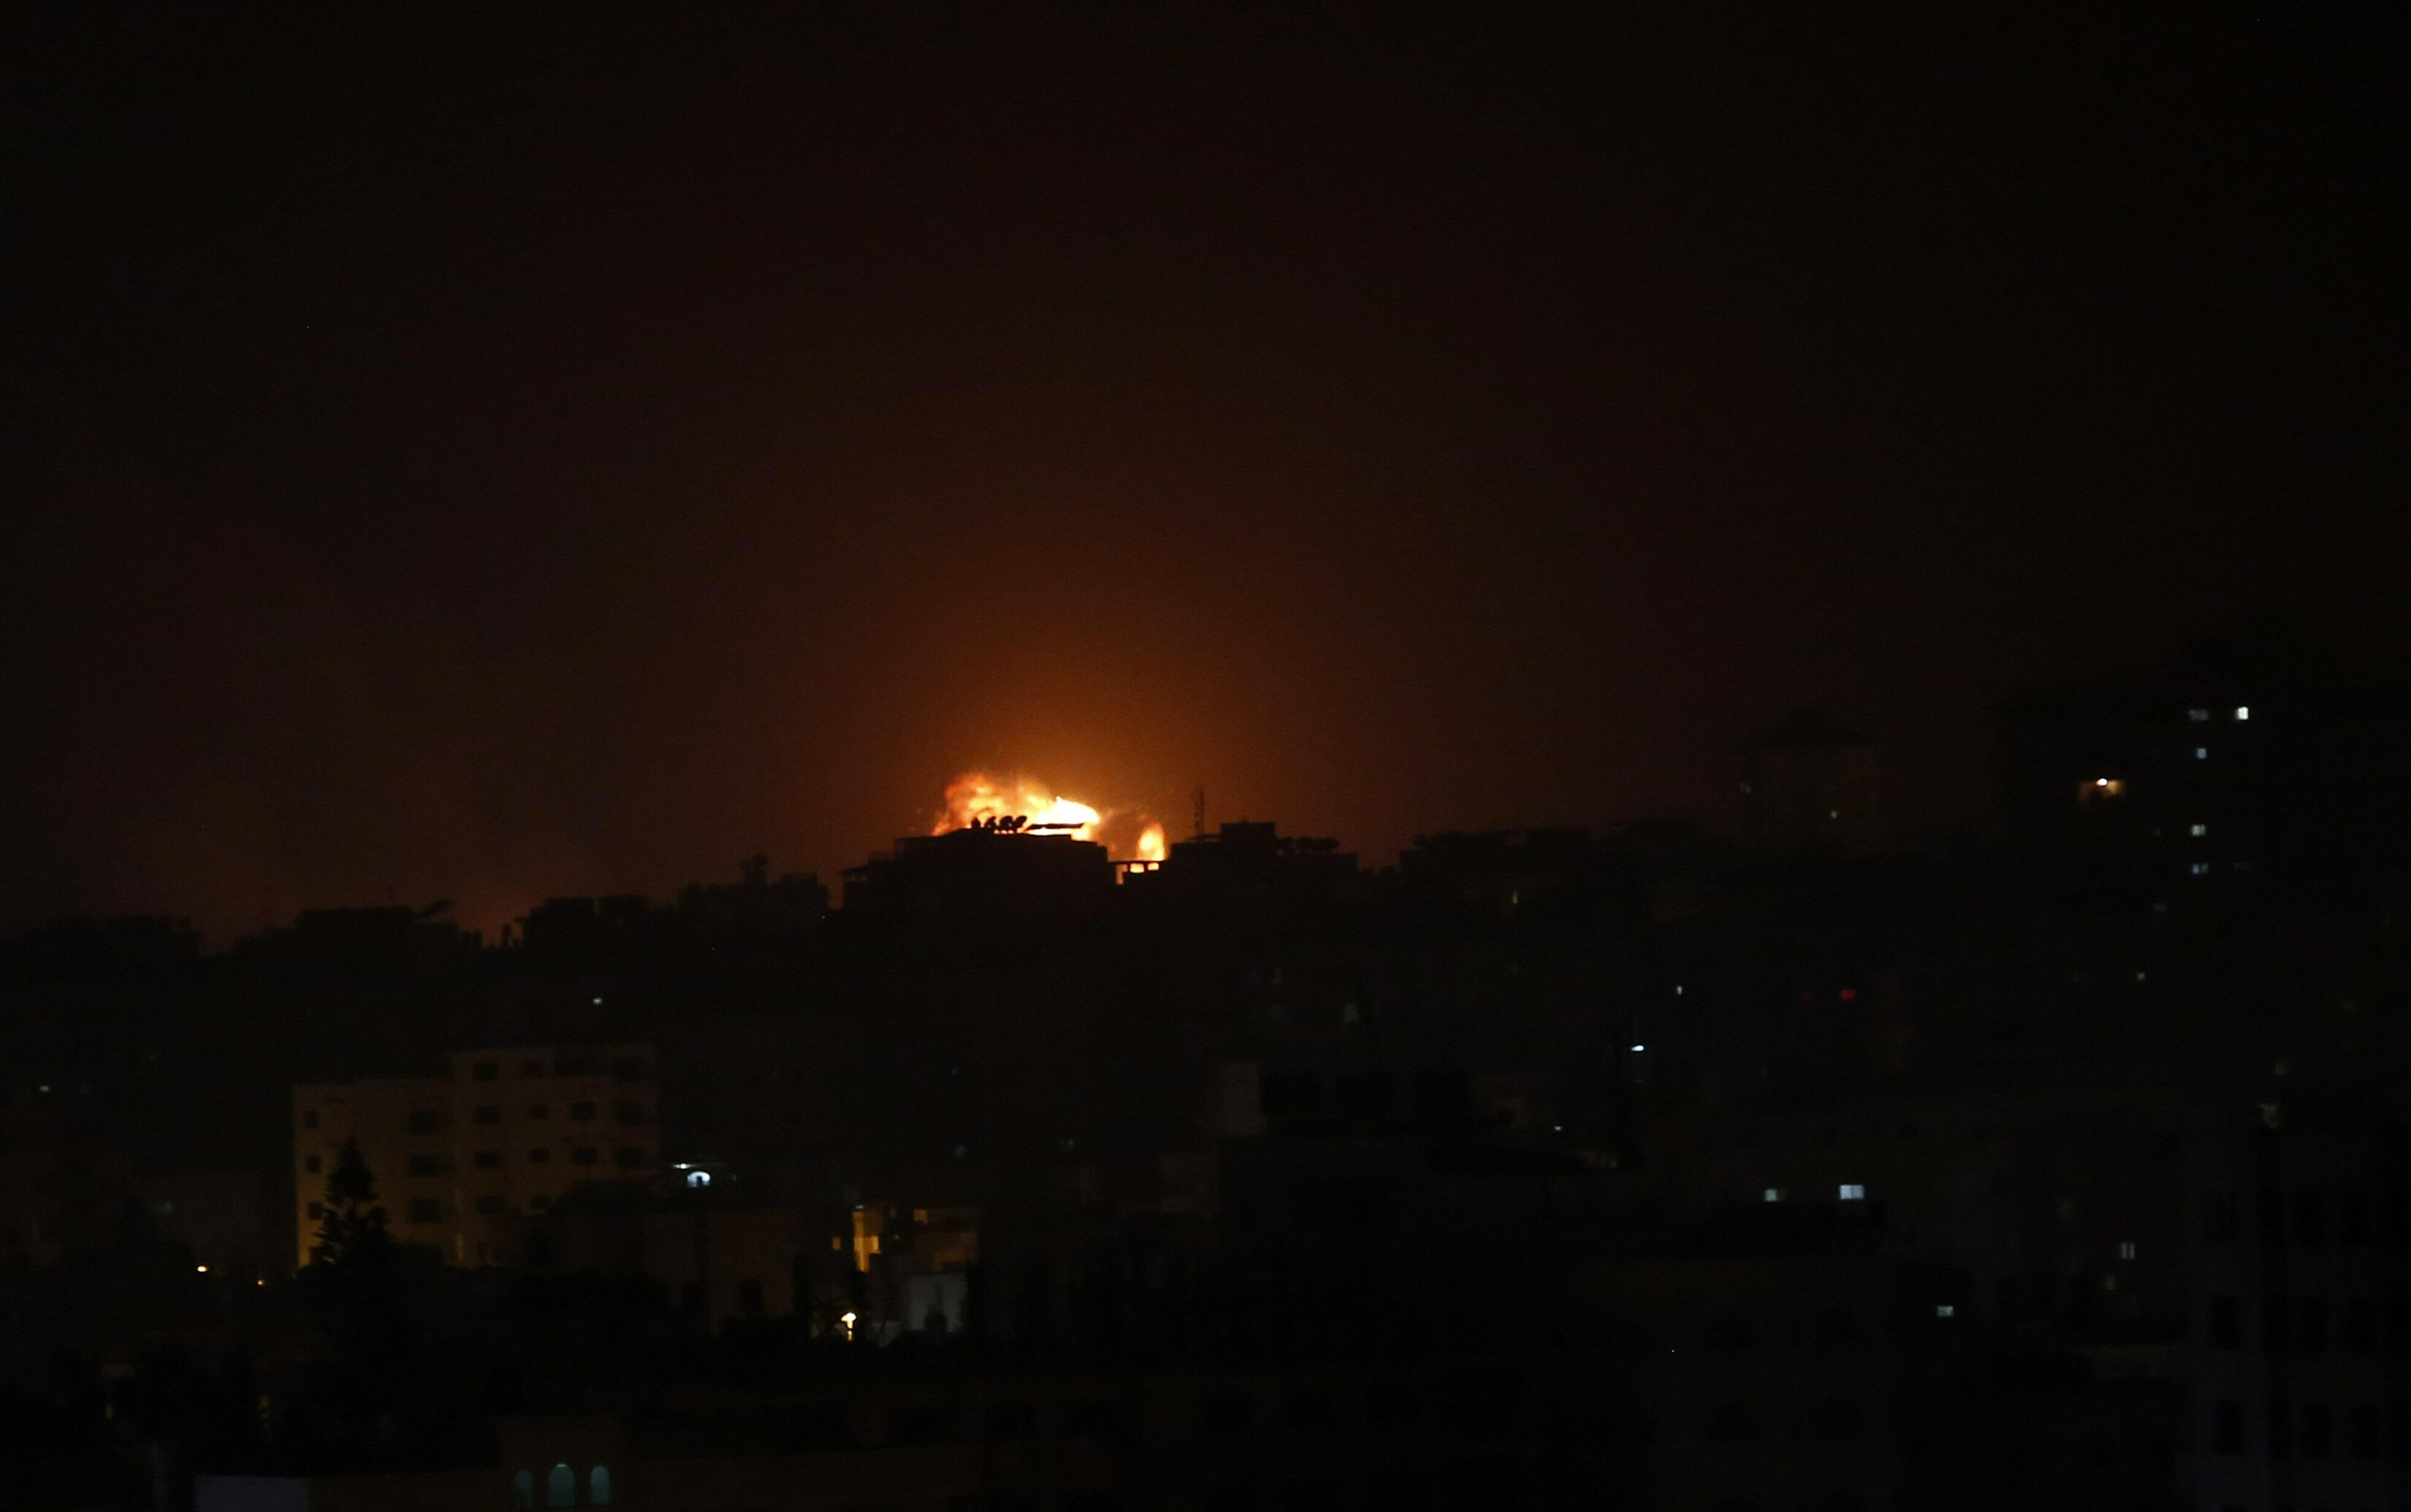 इजरायली सेना ने भी इसकी पुष्टि कर दी है. इजरायली सेना ने दावा किया है कि उसने गाजा के आतंकी अड्डों पर हमला किया है.